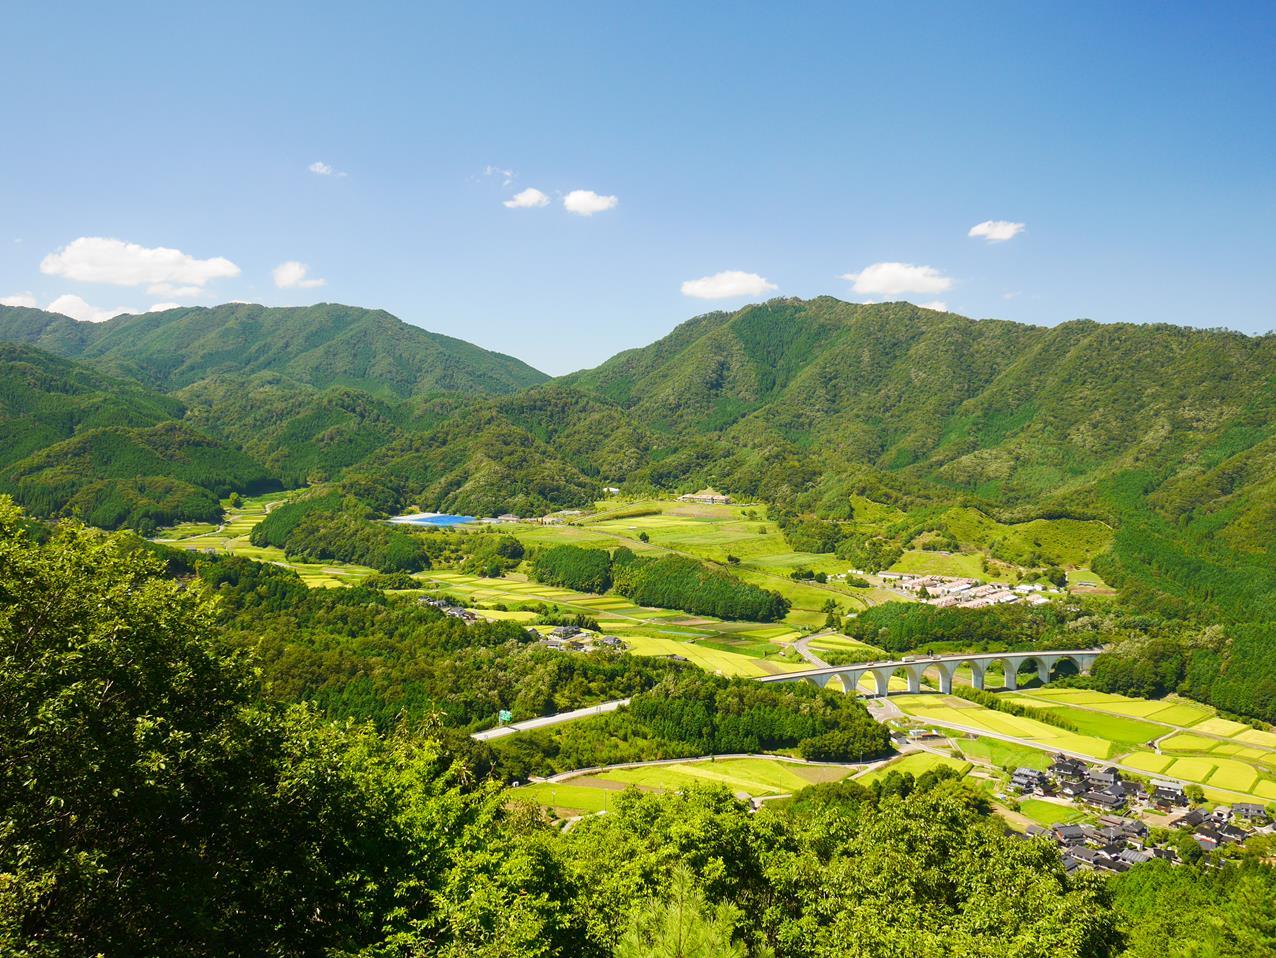 竹田城跡眺望景色